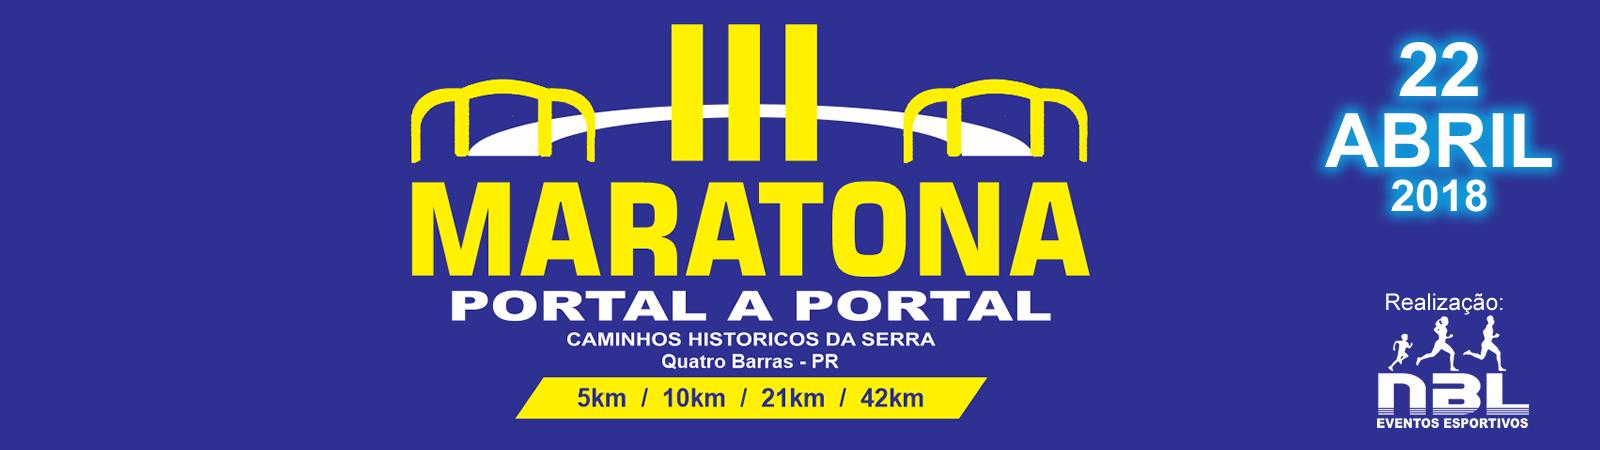 3ª MARATONA PORTAL A PORTAL - CAMINHOS HISTóRICOS DA SERRA - Imagem de topo